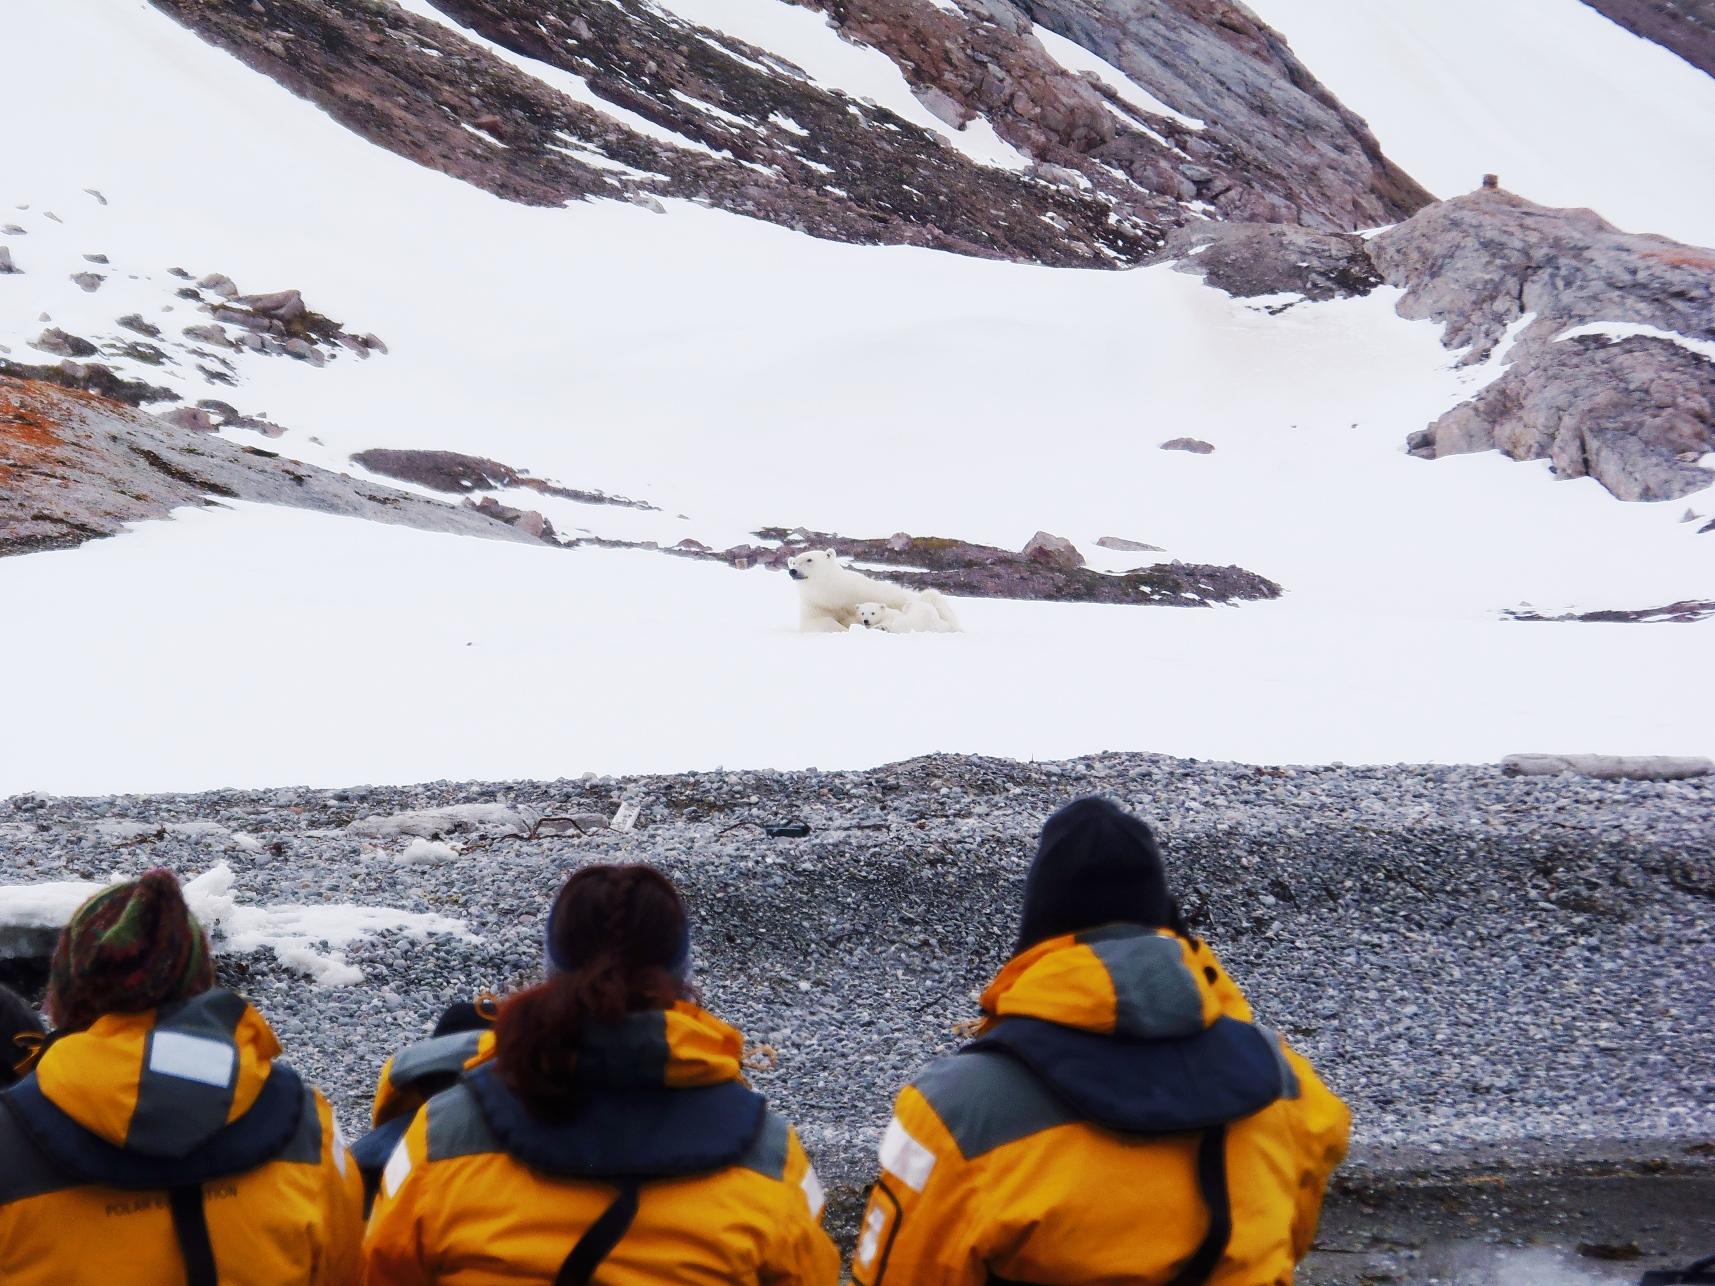 6月2日出発「北極圏・スピッツベルゲン島探検クルーズ 13日間」